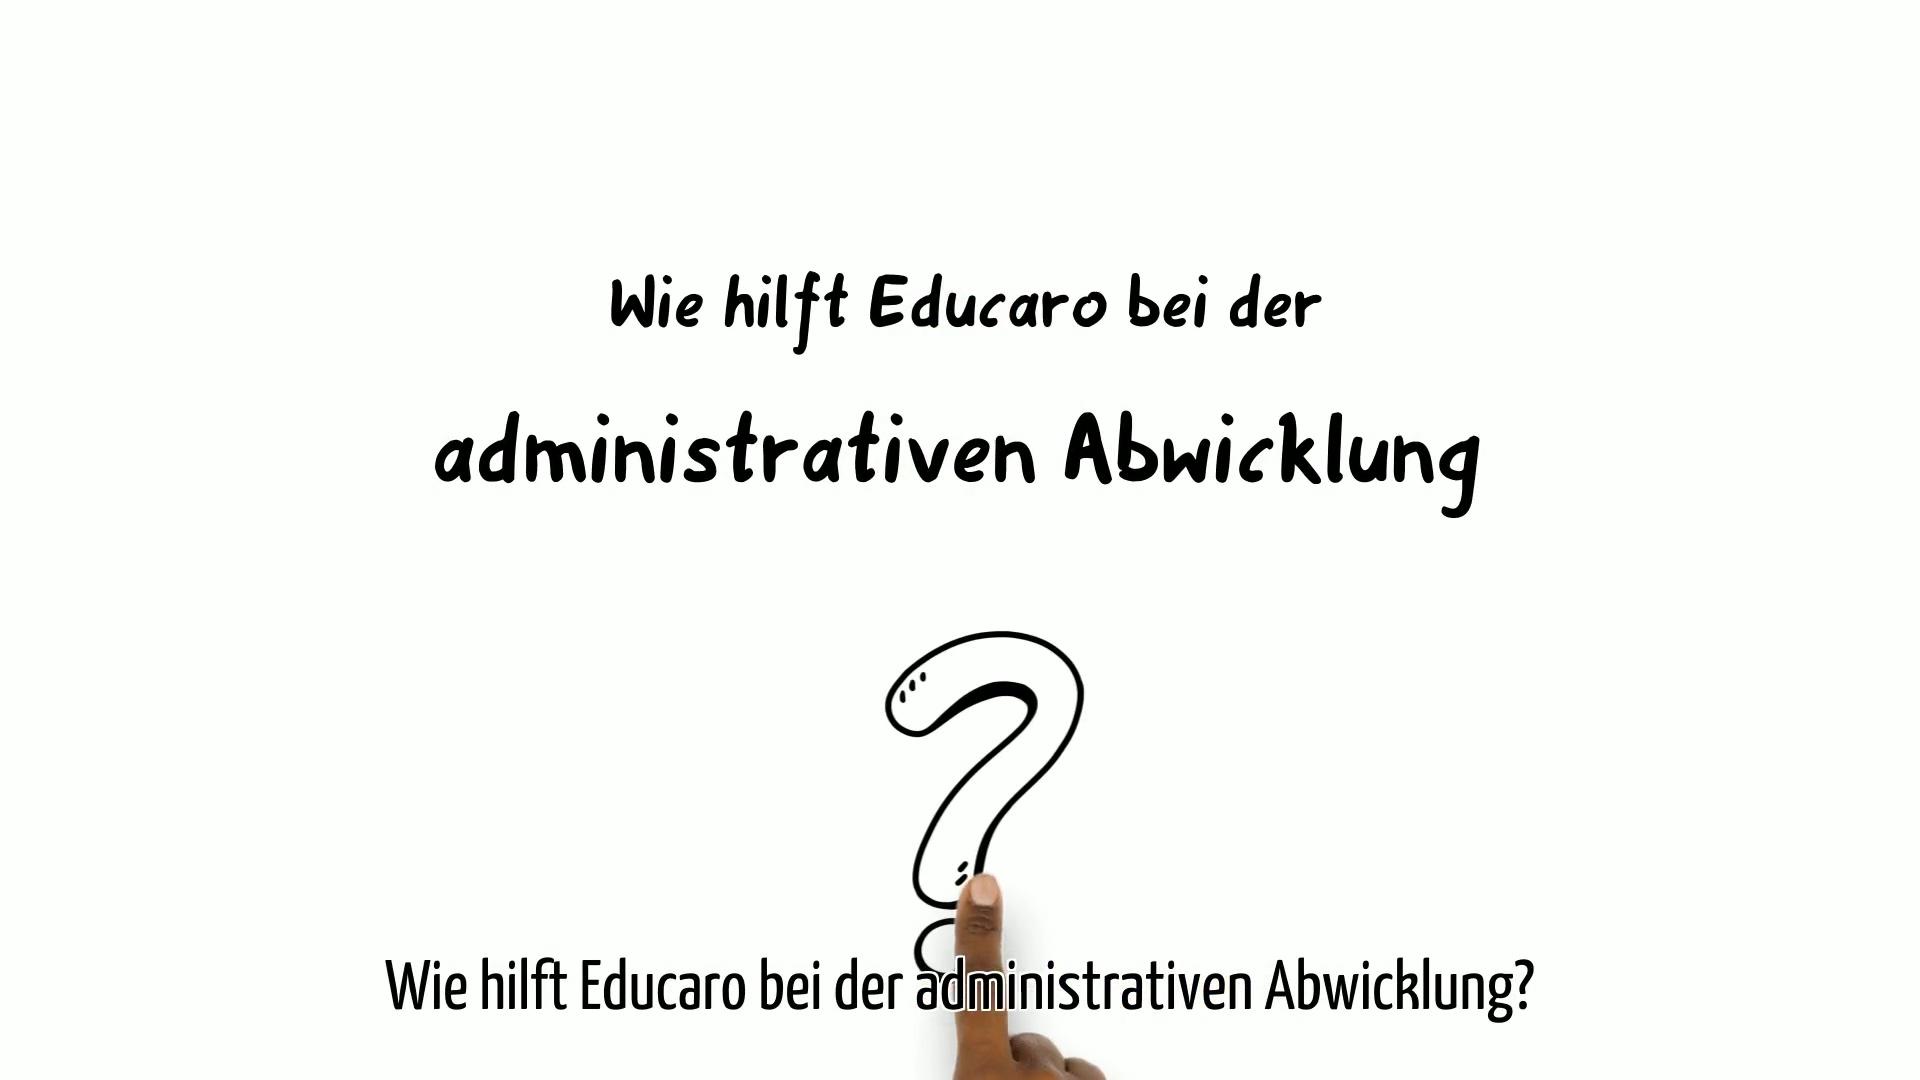 simpleshow_Wie_hilft_Educaro_bei_der_administrativen_Abwicklung_